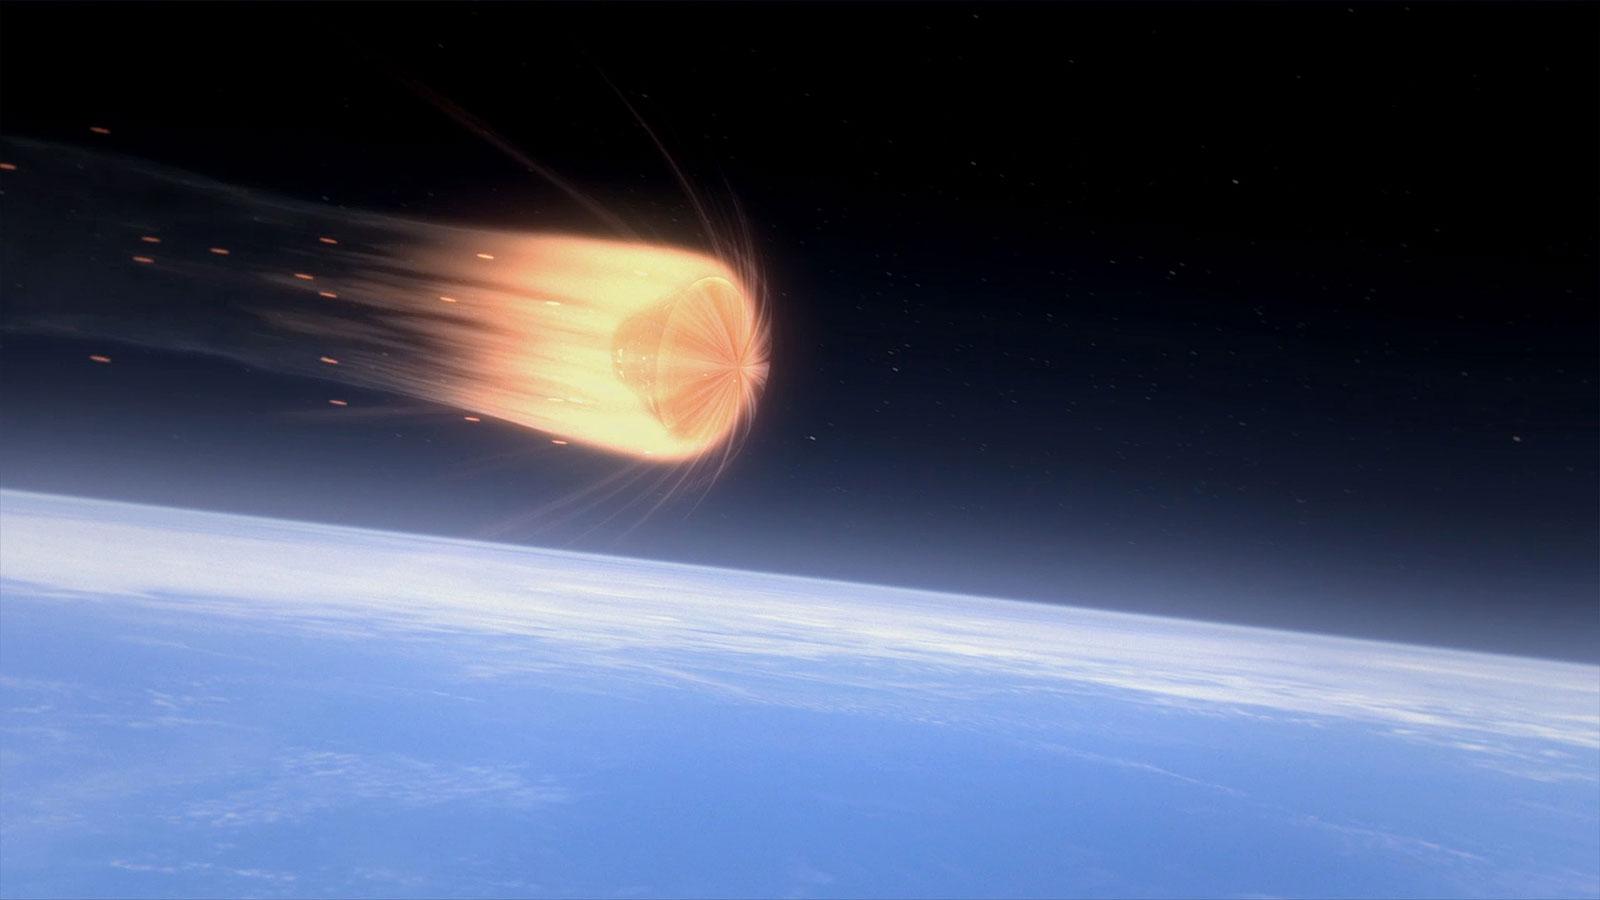 Hier eine künstlerische Darstellung des neuen Orion-Raumschiffs der NASA. Bild: NASA